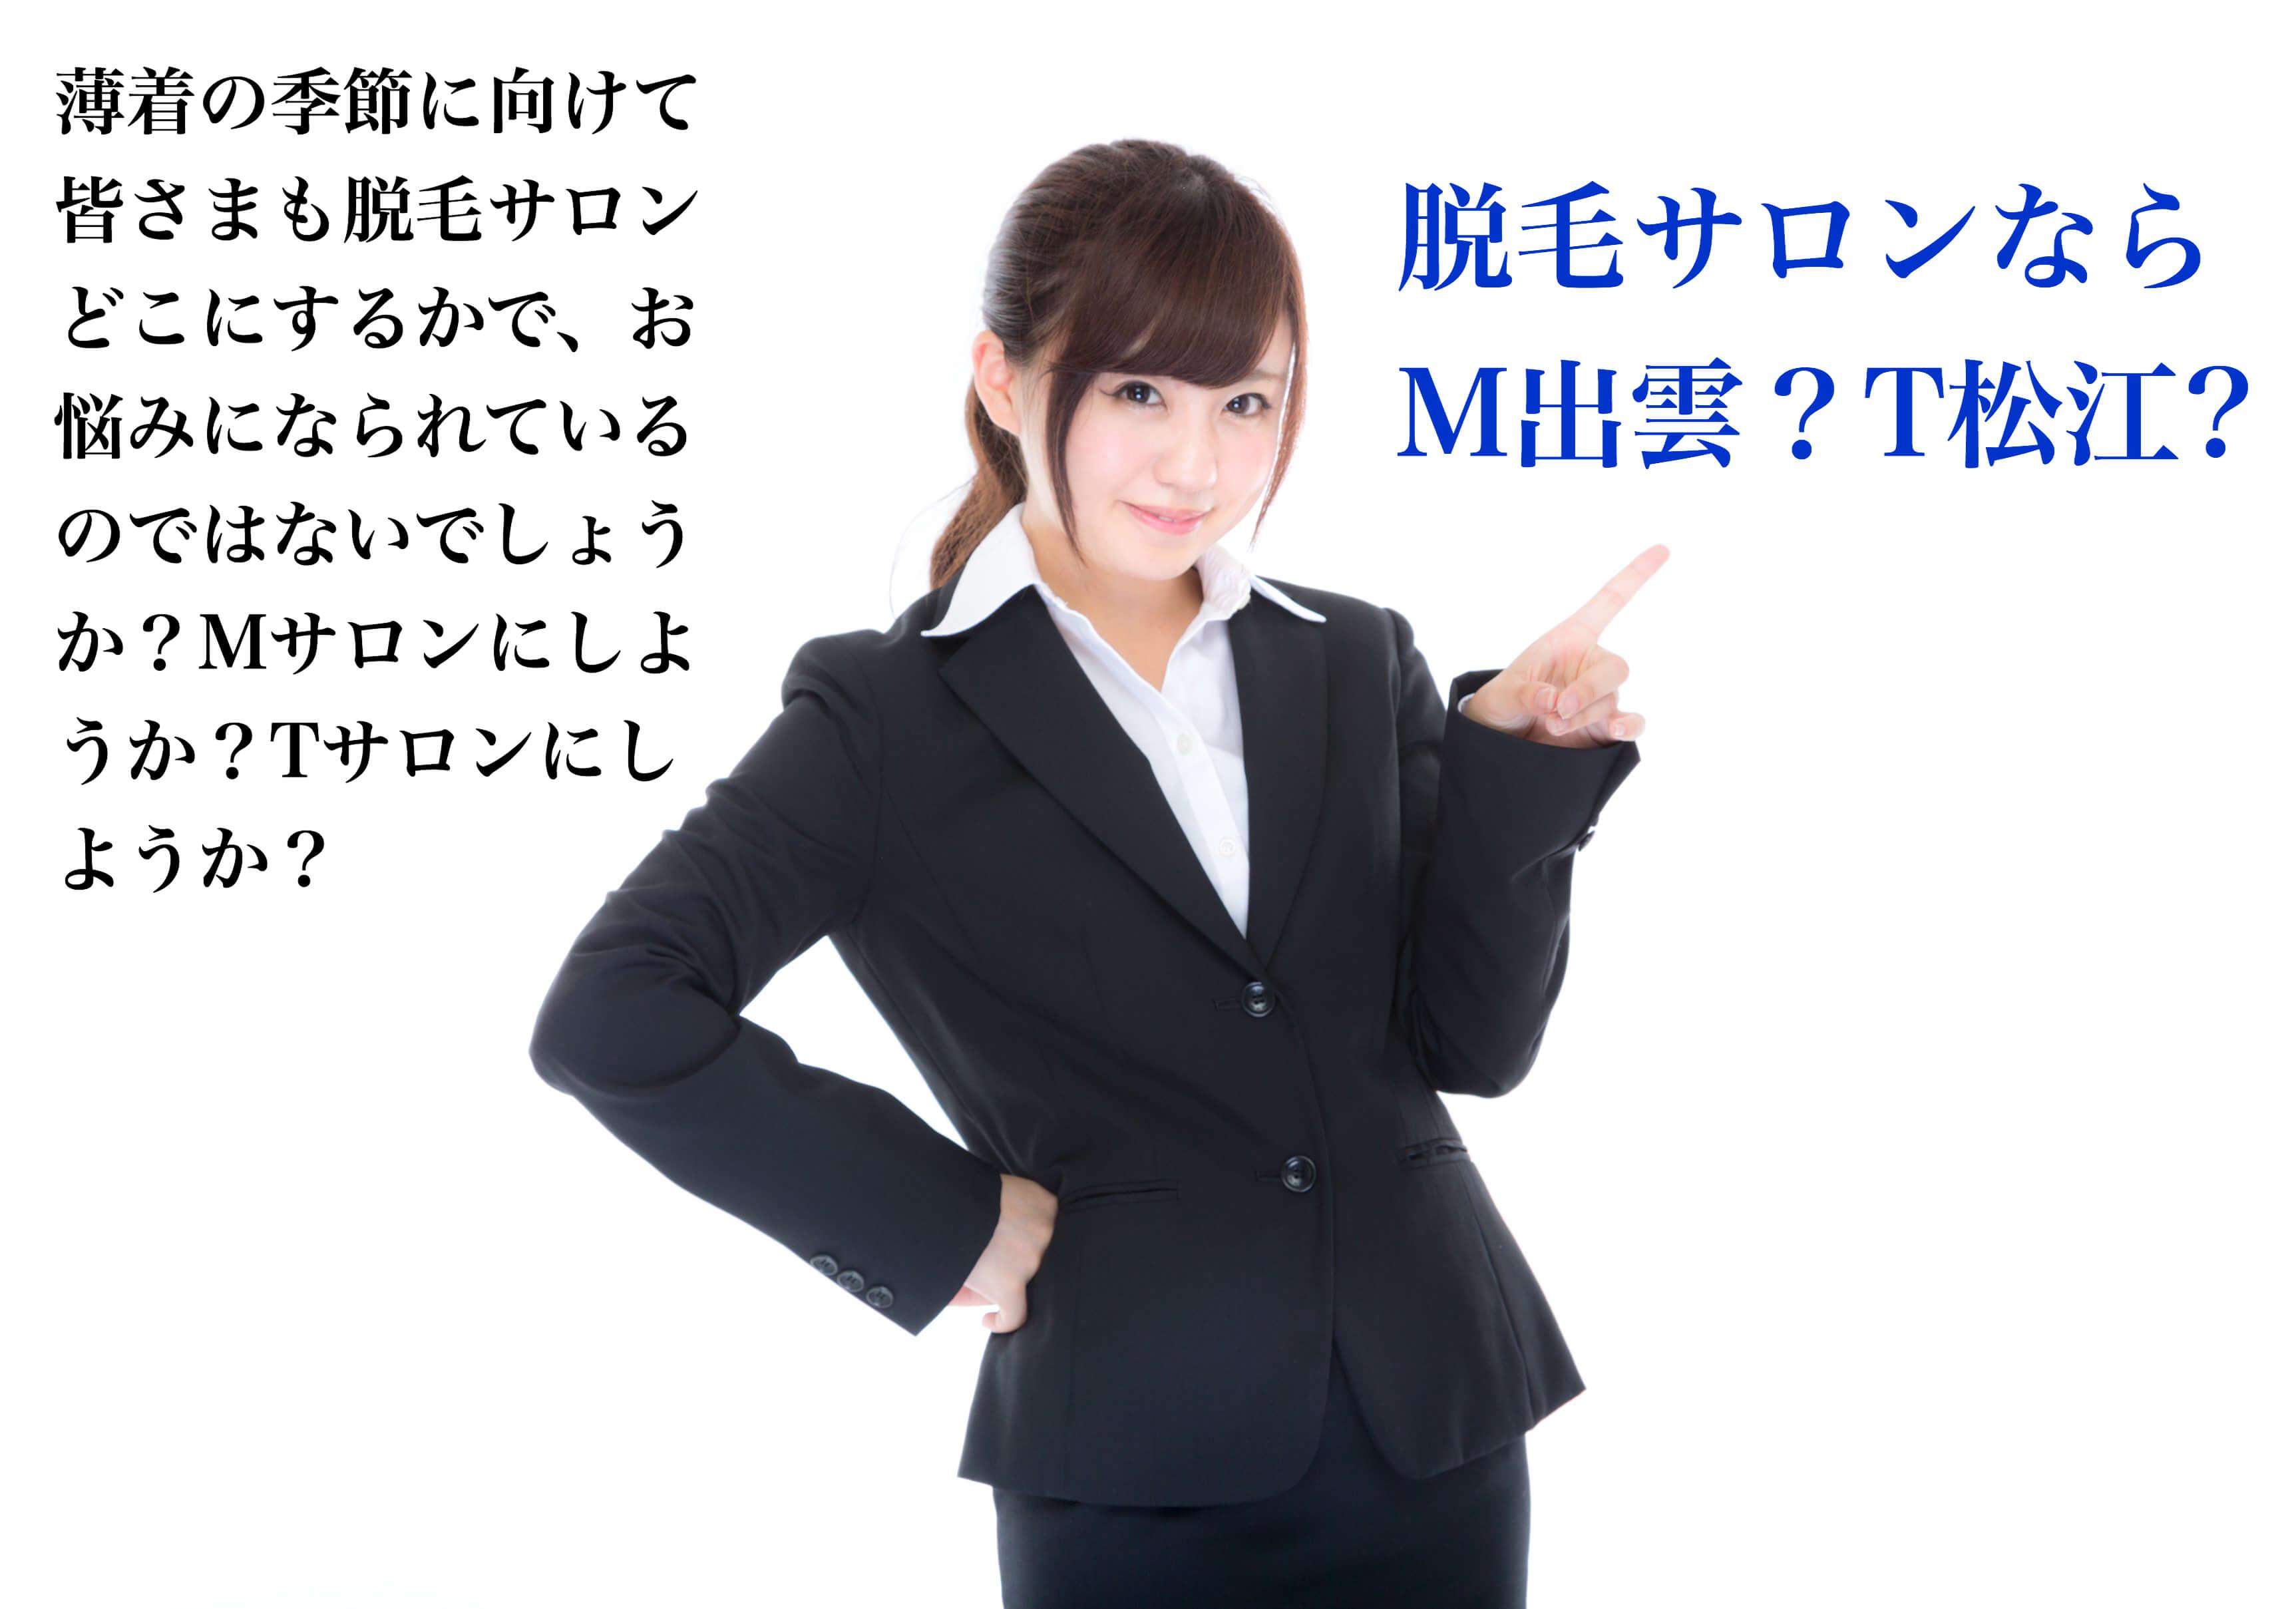 松江 脱毛 ミュゼ tbc キラ肌 比較 人気サロン